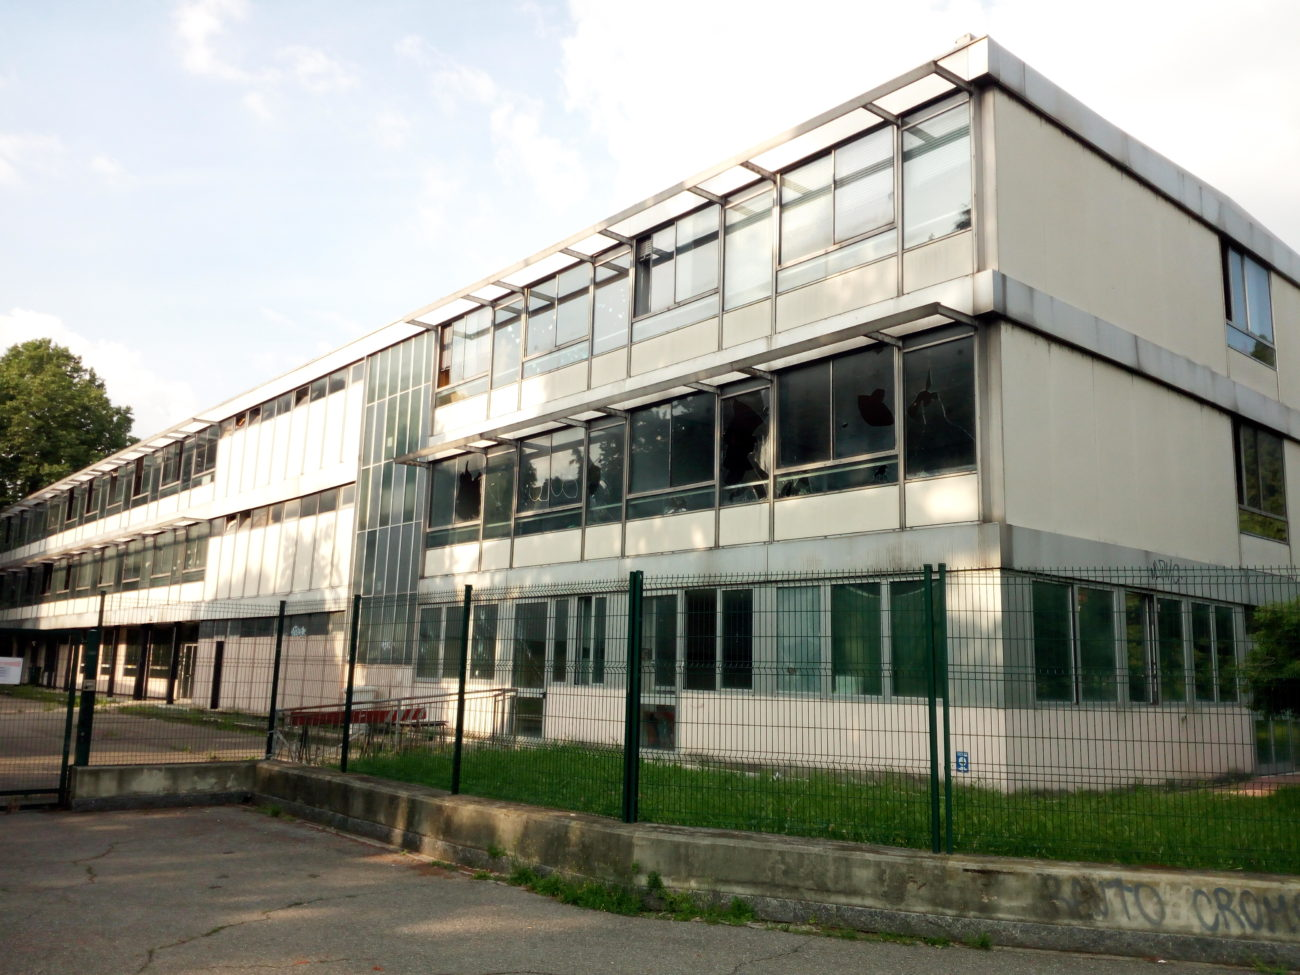 , La scuola di via S. Paolino sarà demolita. Chiesta maggiore presenza delle forze dell'ordine